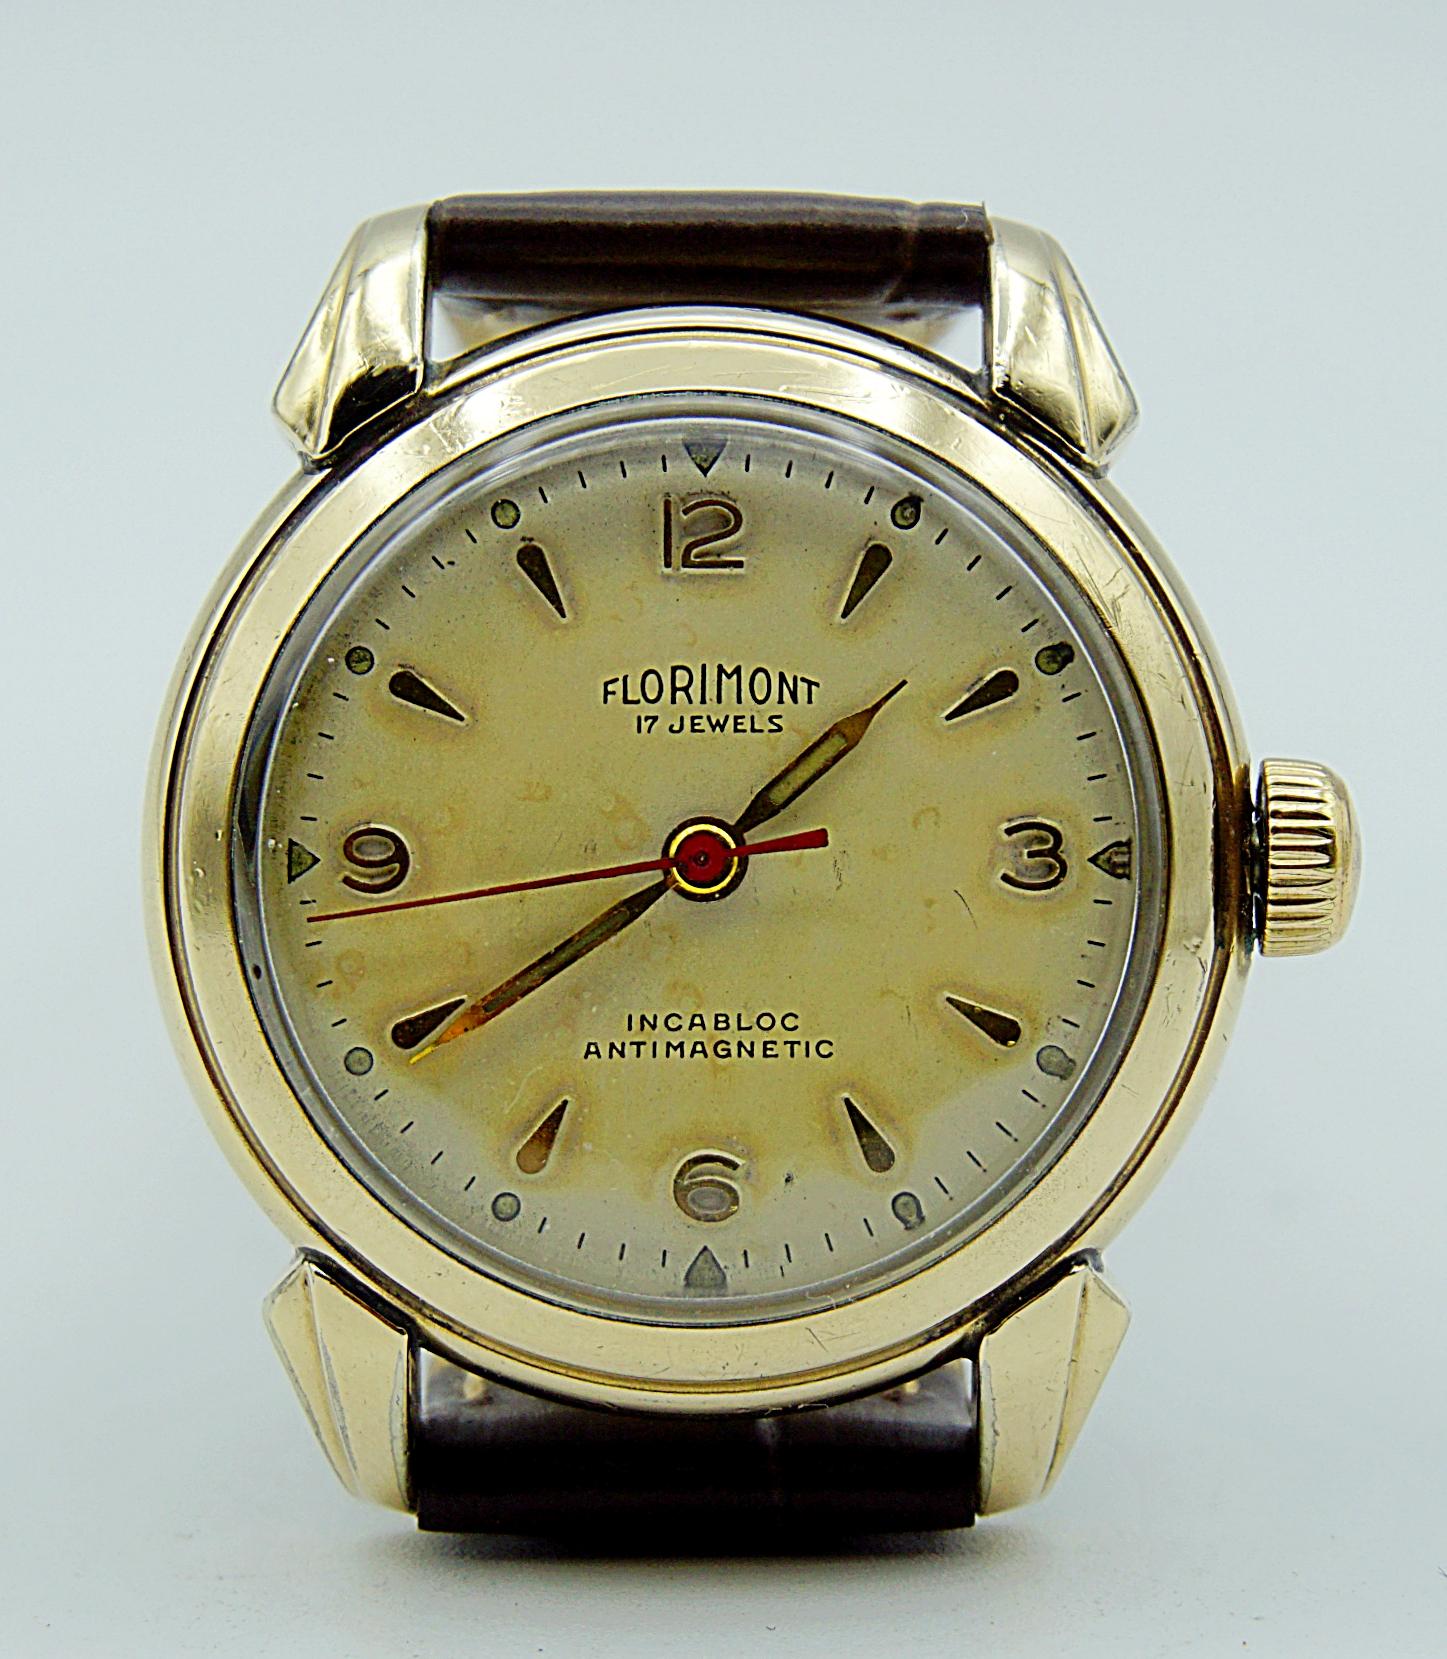 นาฬิกาเก่า FLORIMONT ไขลาน